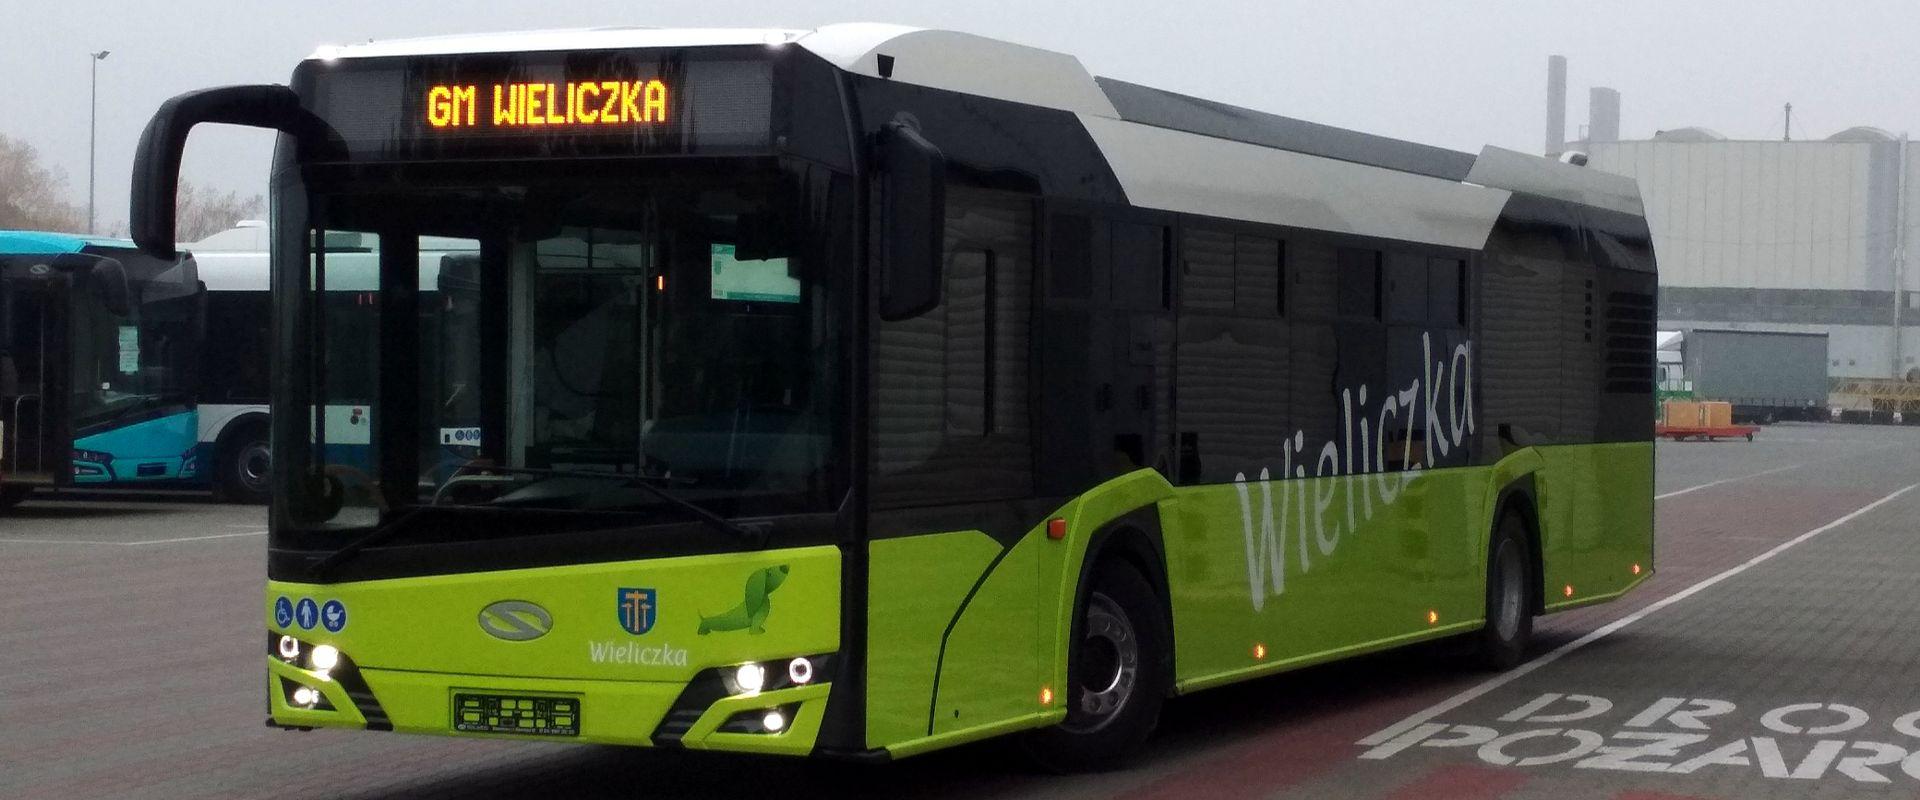 Solaris Urbino 12 - Pierwszy odebrany pojazd